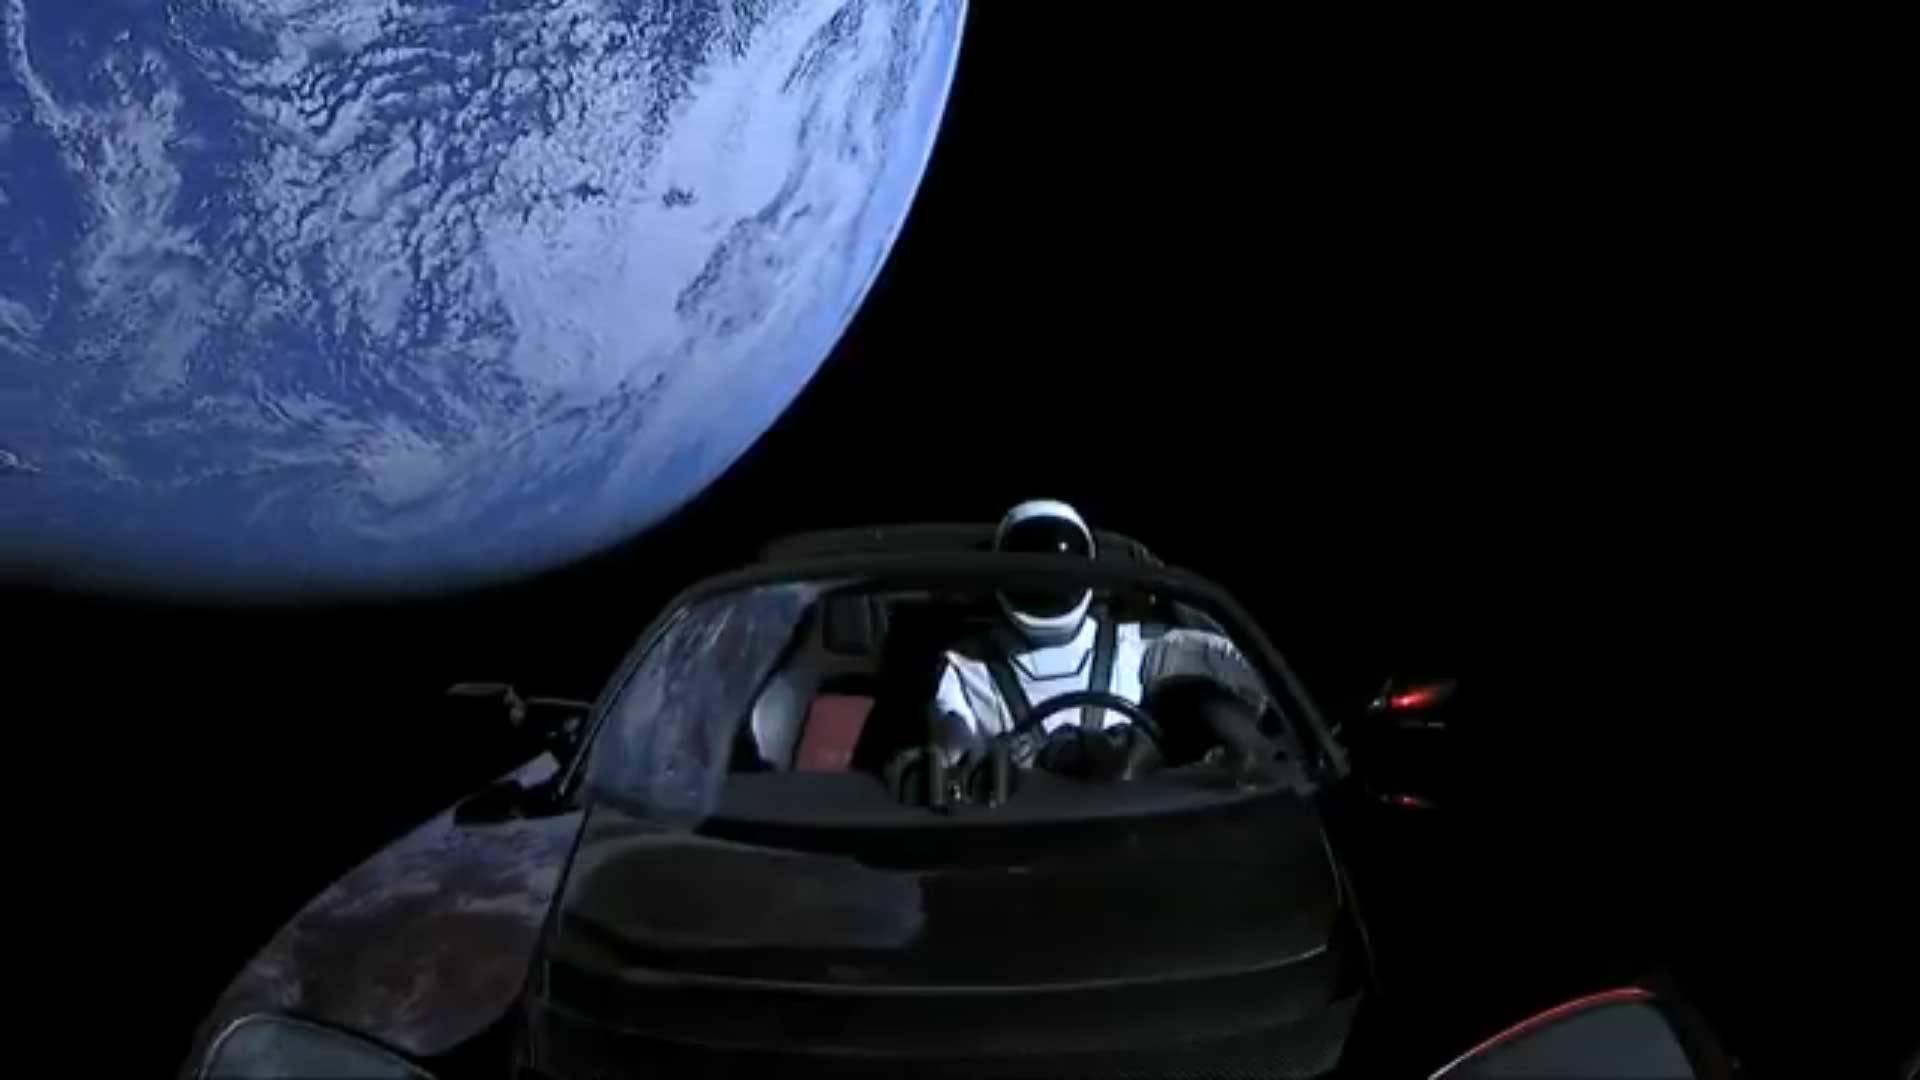 Car In Space Wallpaper Elon Musk La Nasa Veut Emp 234 Cher L Envoi De Voitures Dans L Espace